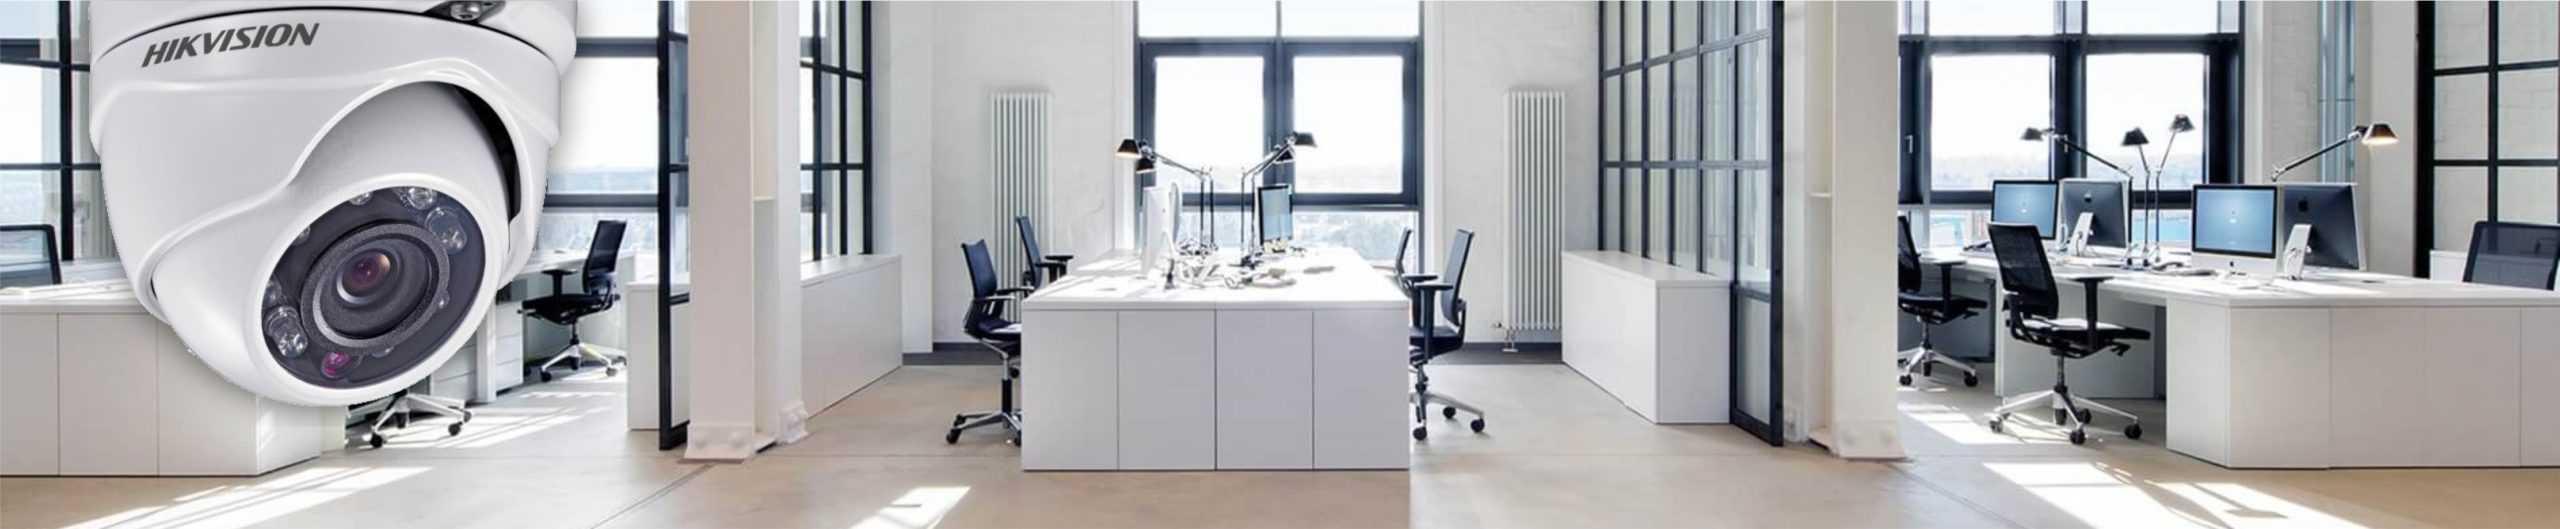 Установка видеонаблюдения в офисном помещении